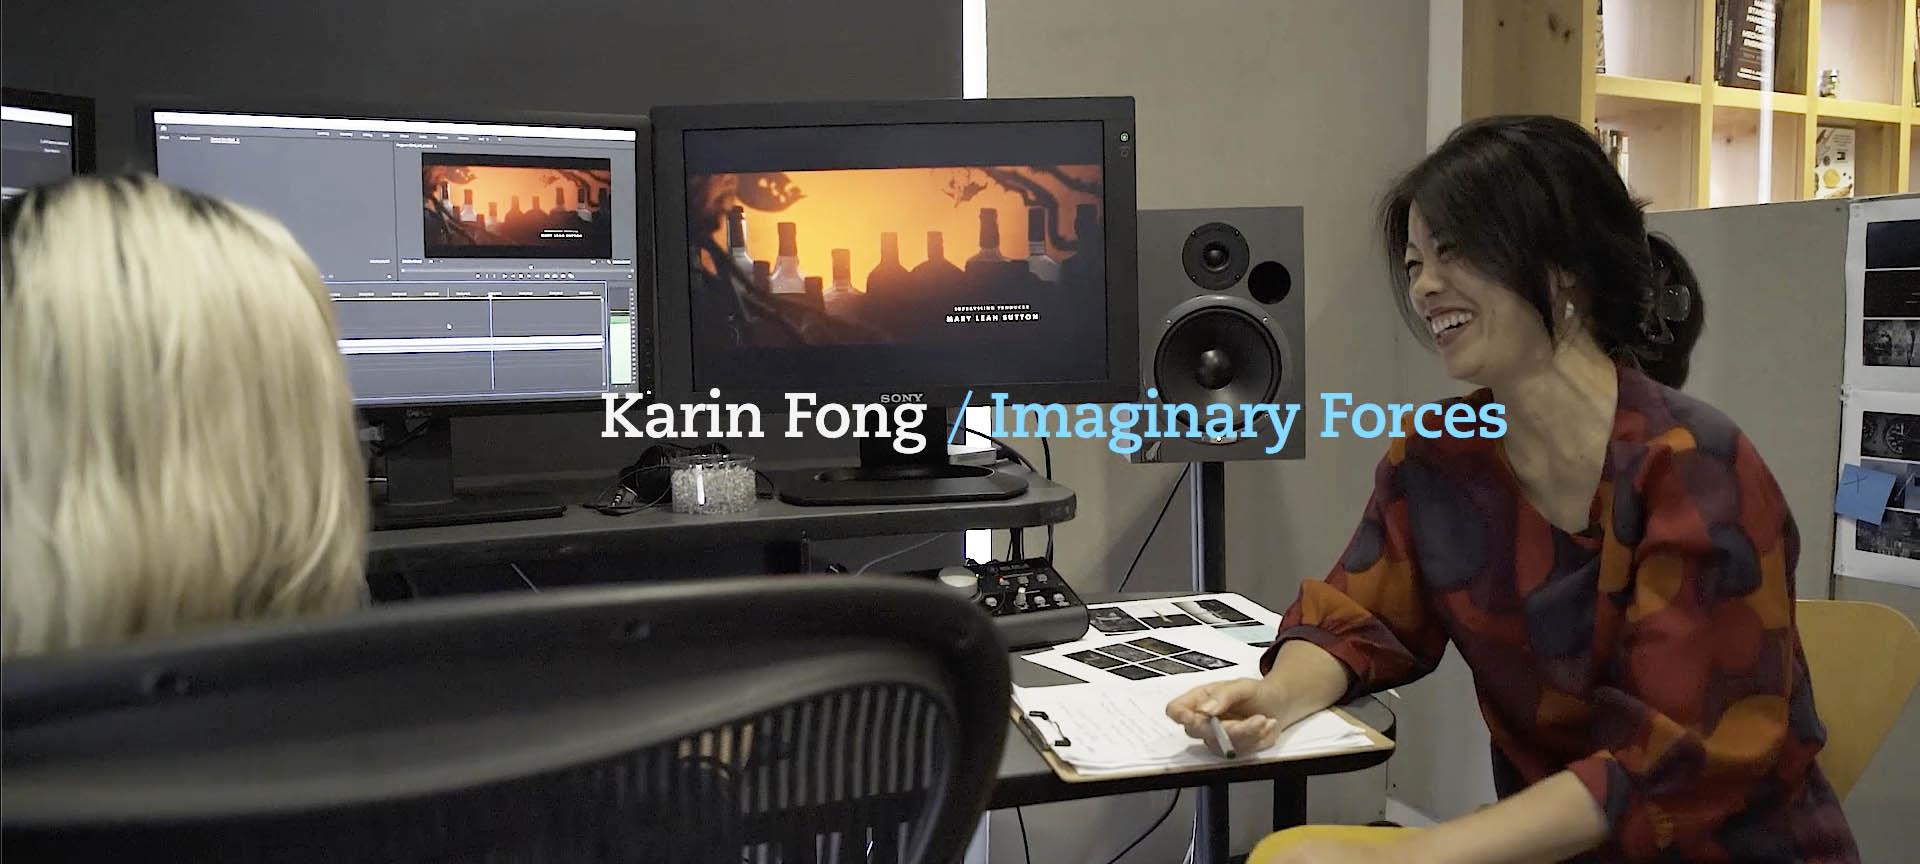 Karin Fong Title designer Imaginary Forces